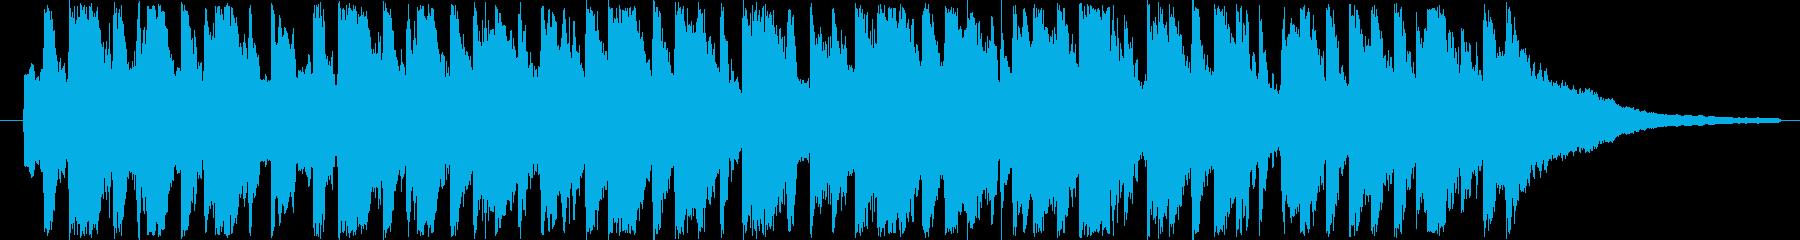 30秒CM用BGM(可愛らしいワルツ)の再生済みの波形